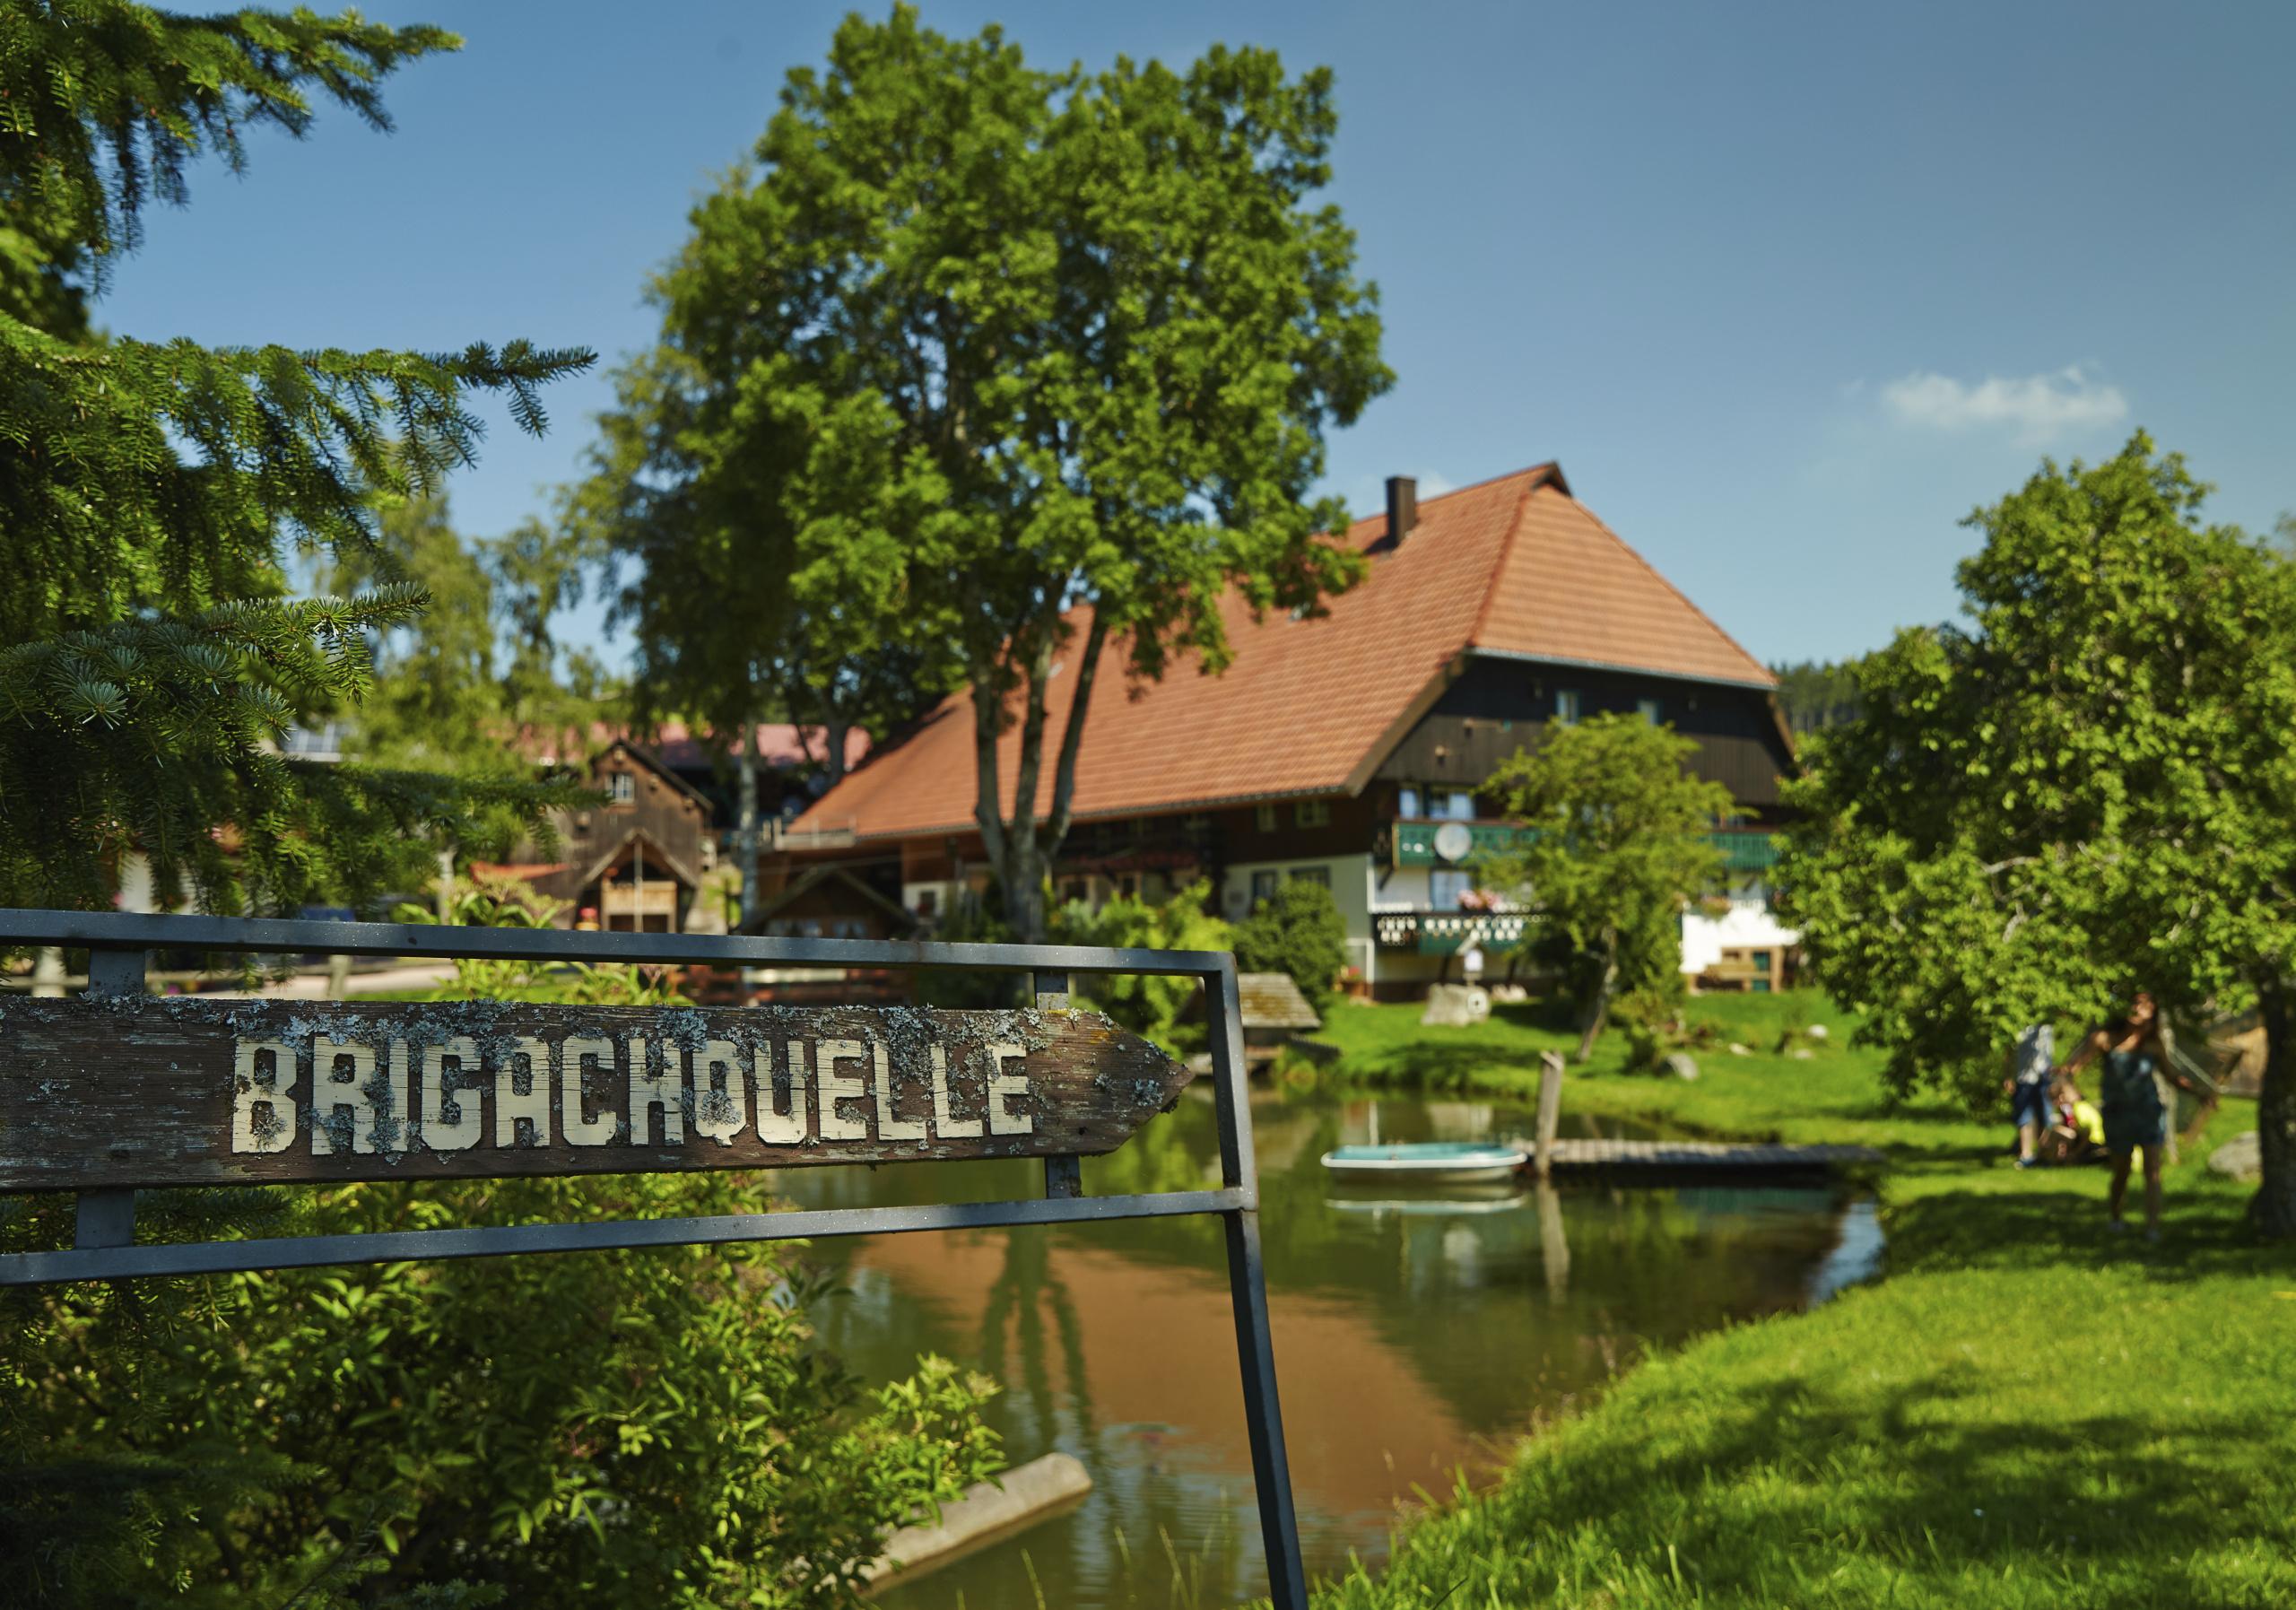 Brigachquelle in St. Georgen